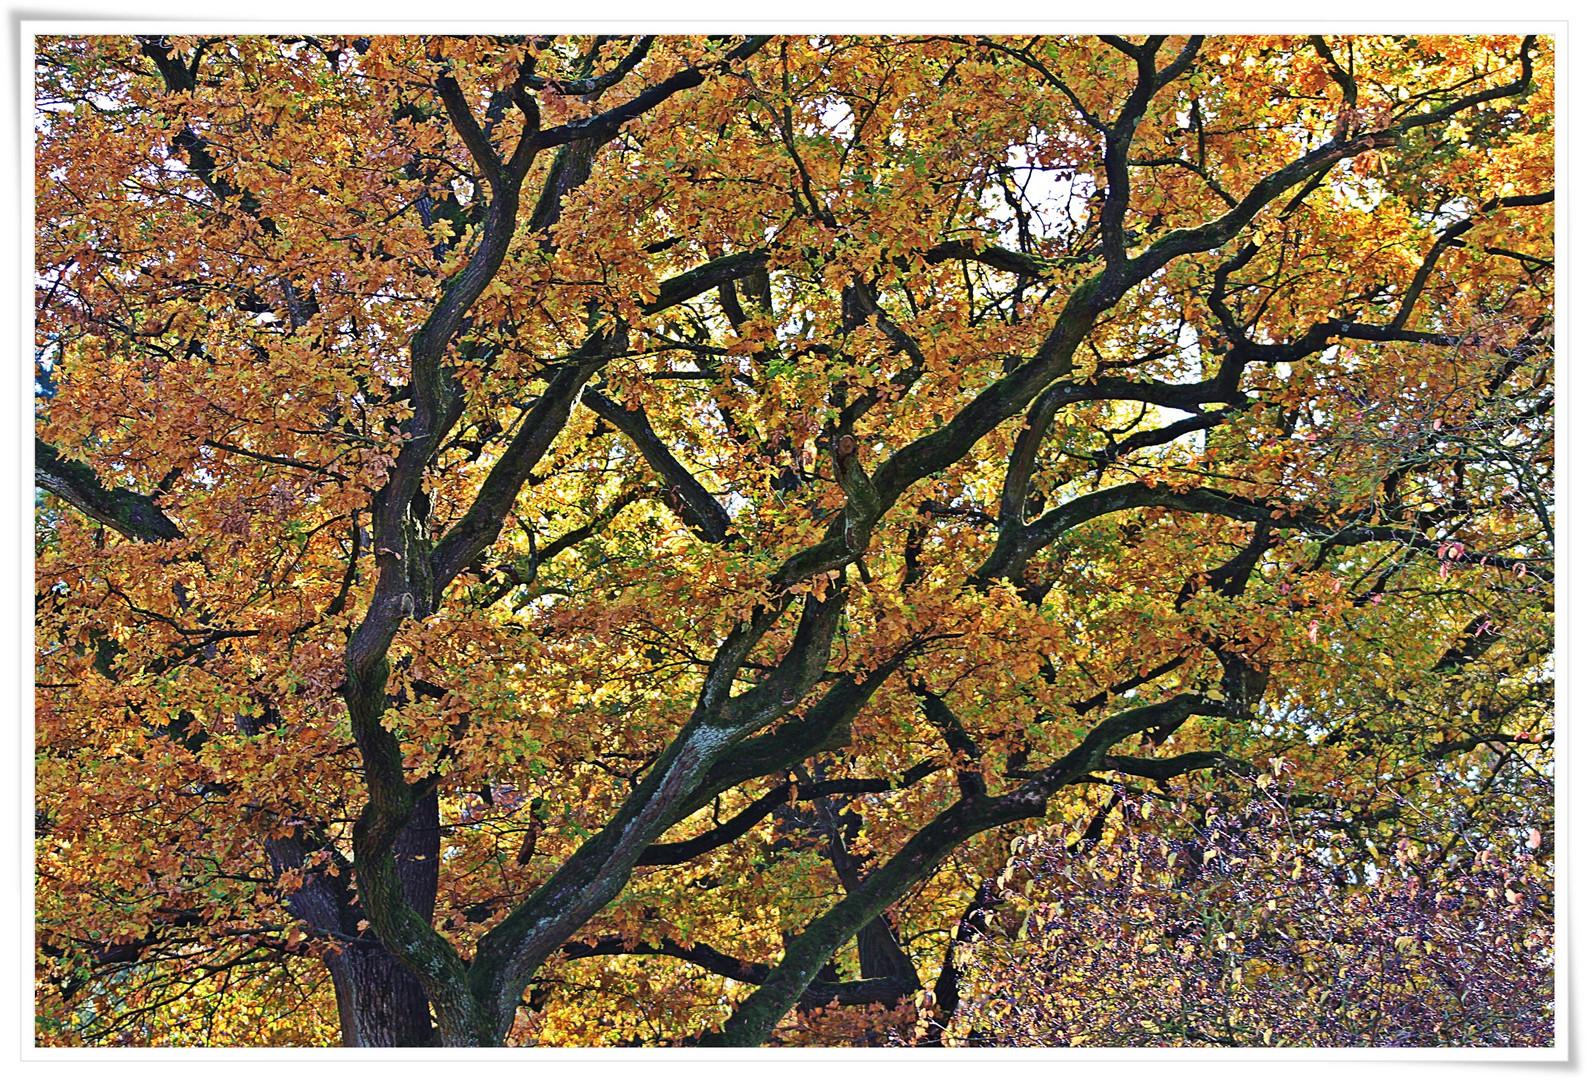 Herbstlicher Baum